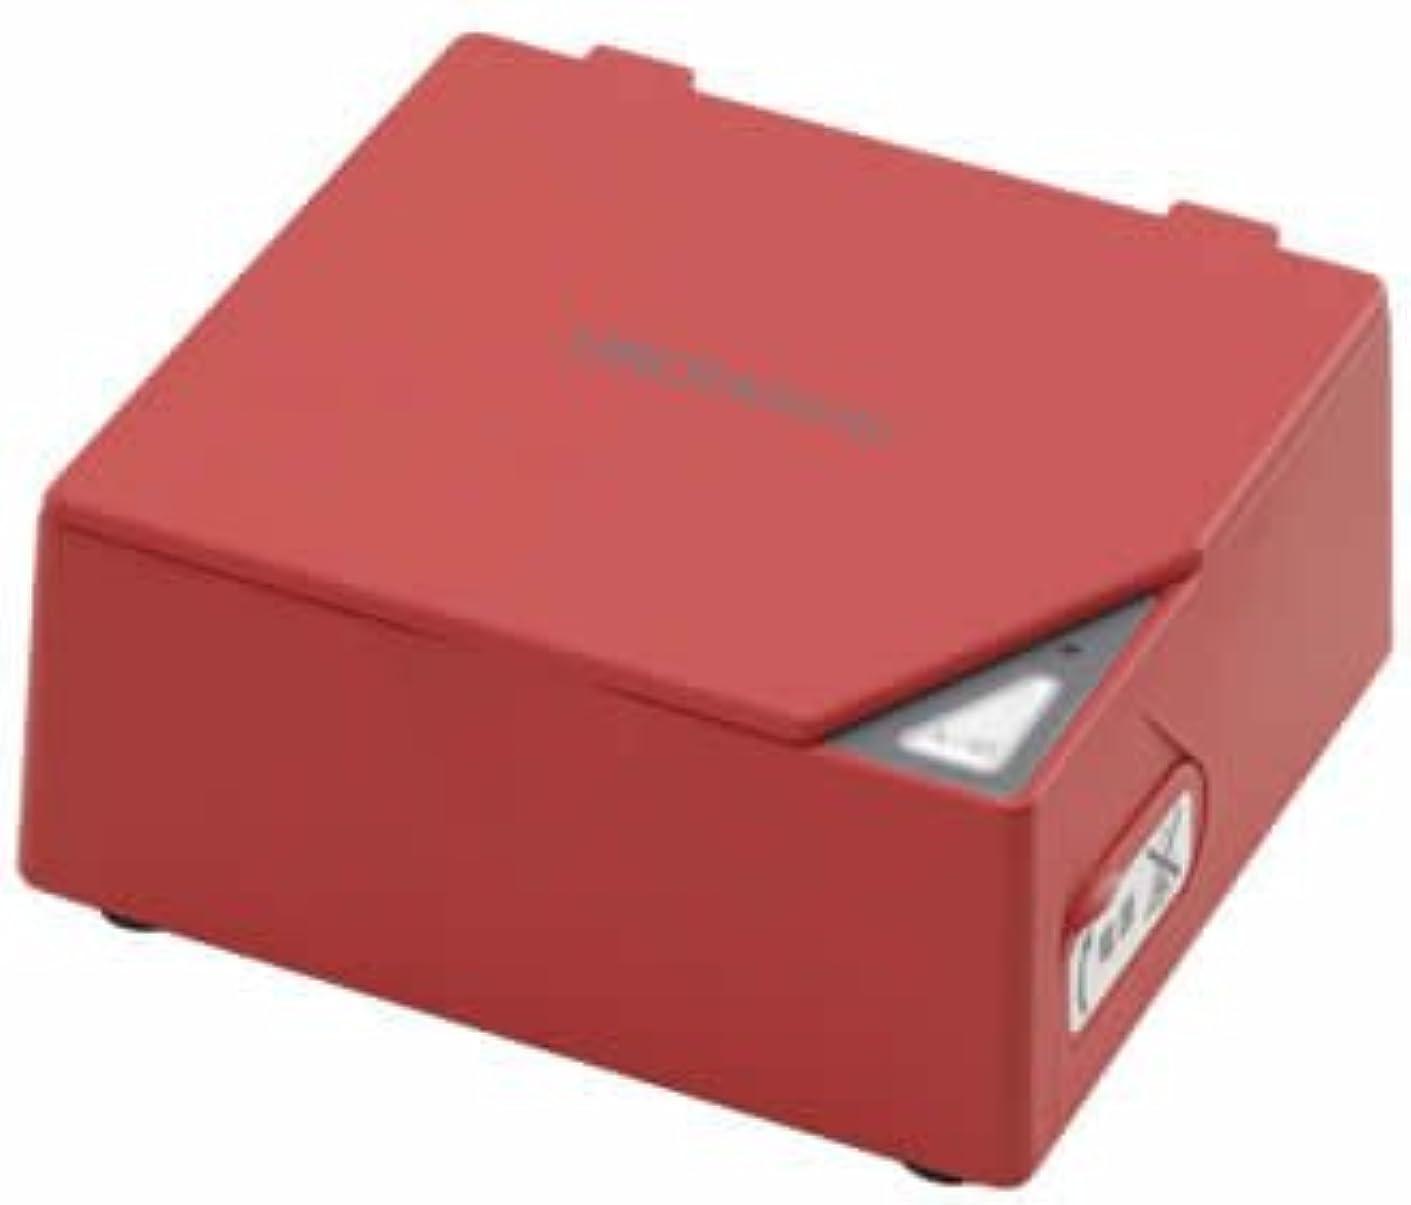 ゴミ箱を空にする変更蜜入れ歯洗浄器 ウロハミック レッド